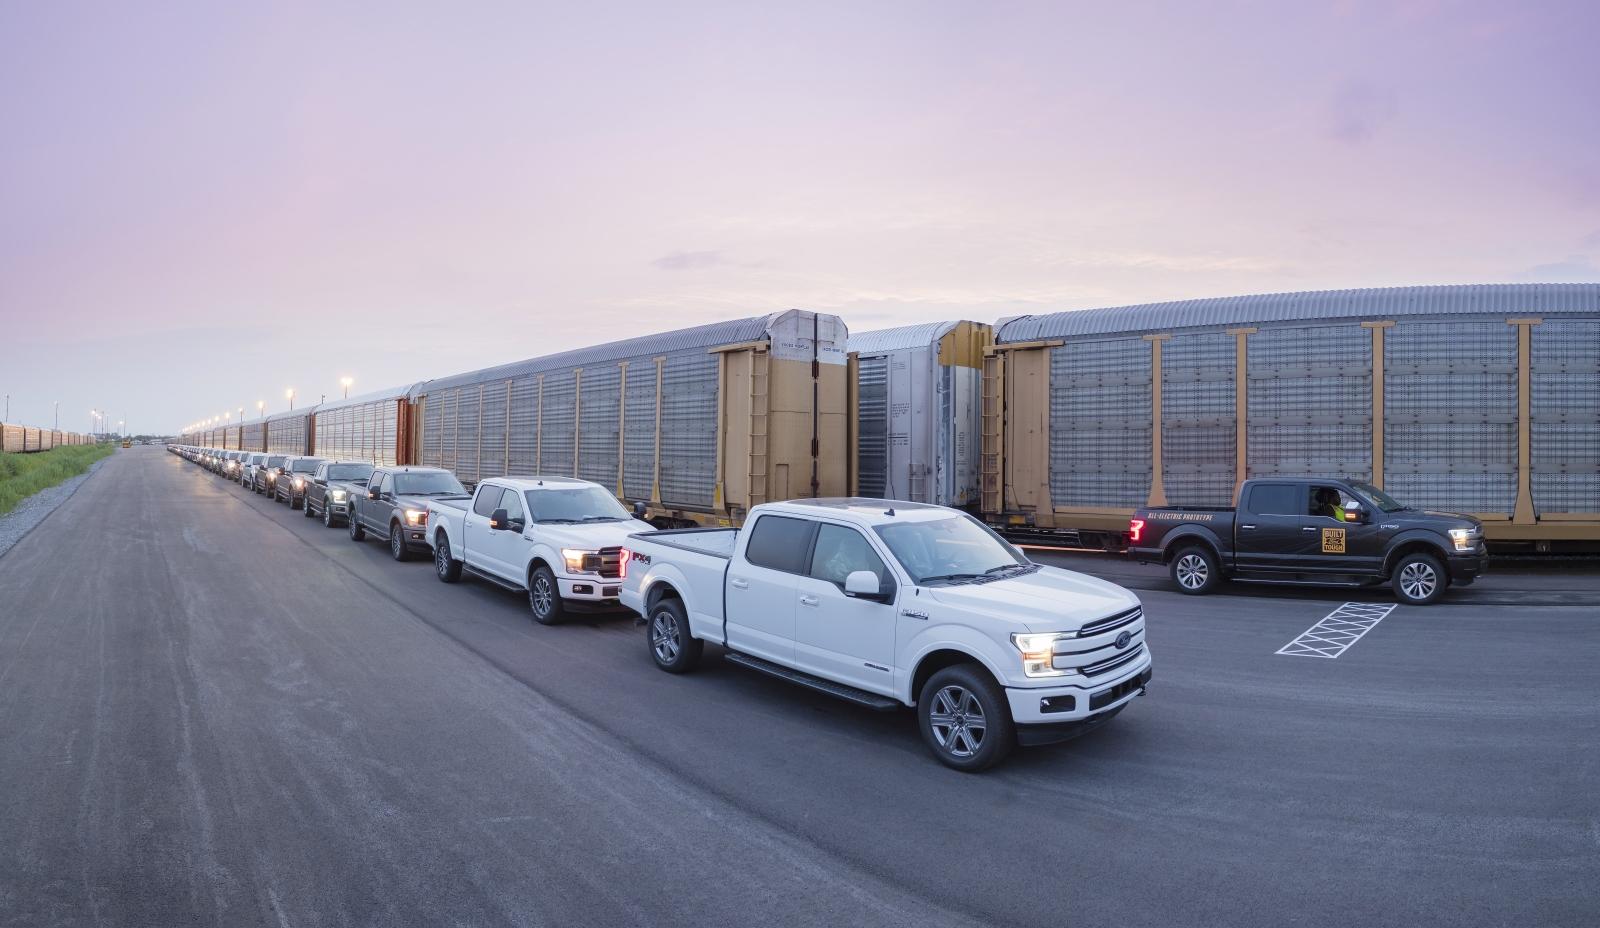 540 tonnát vontat az elektromos Ford F-150 prototípus